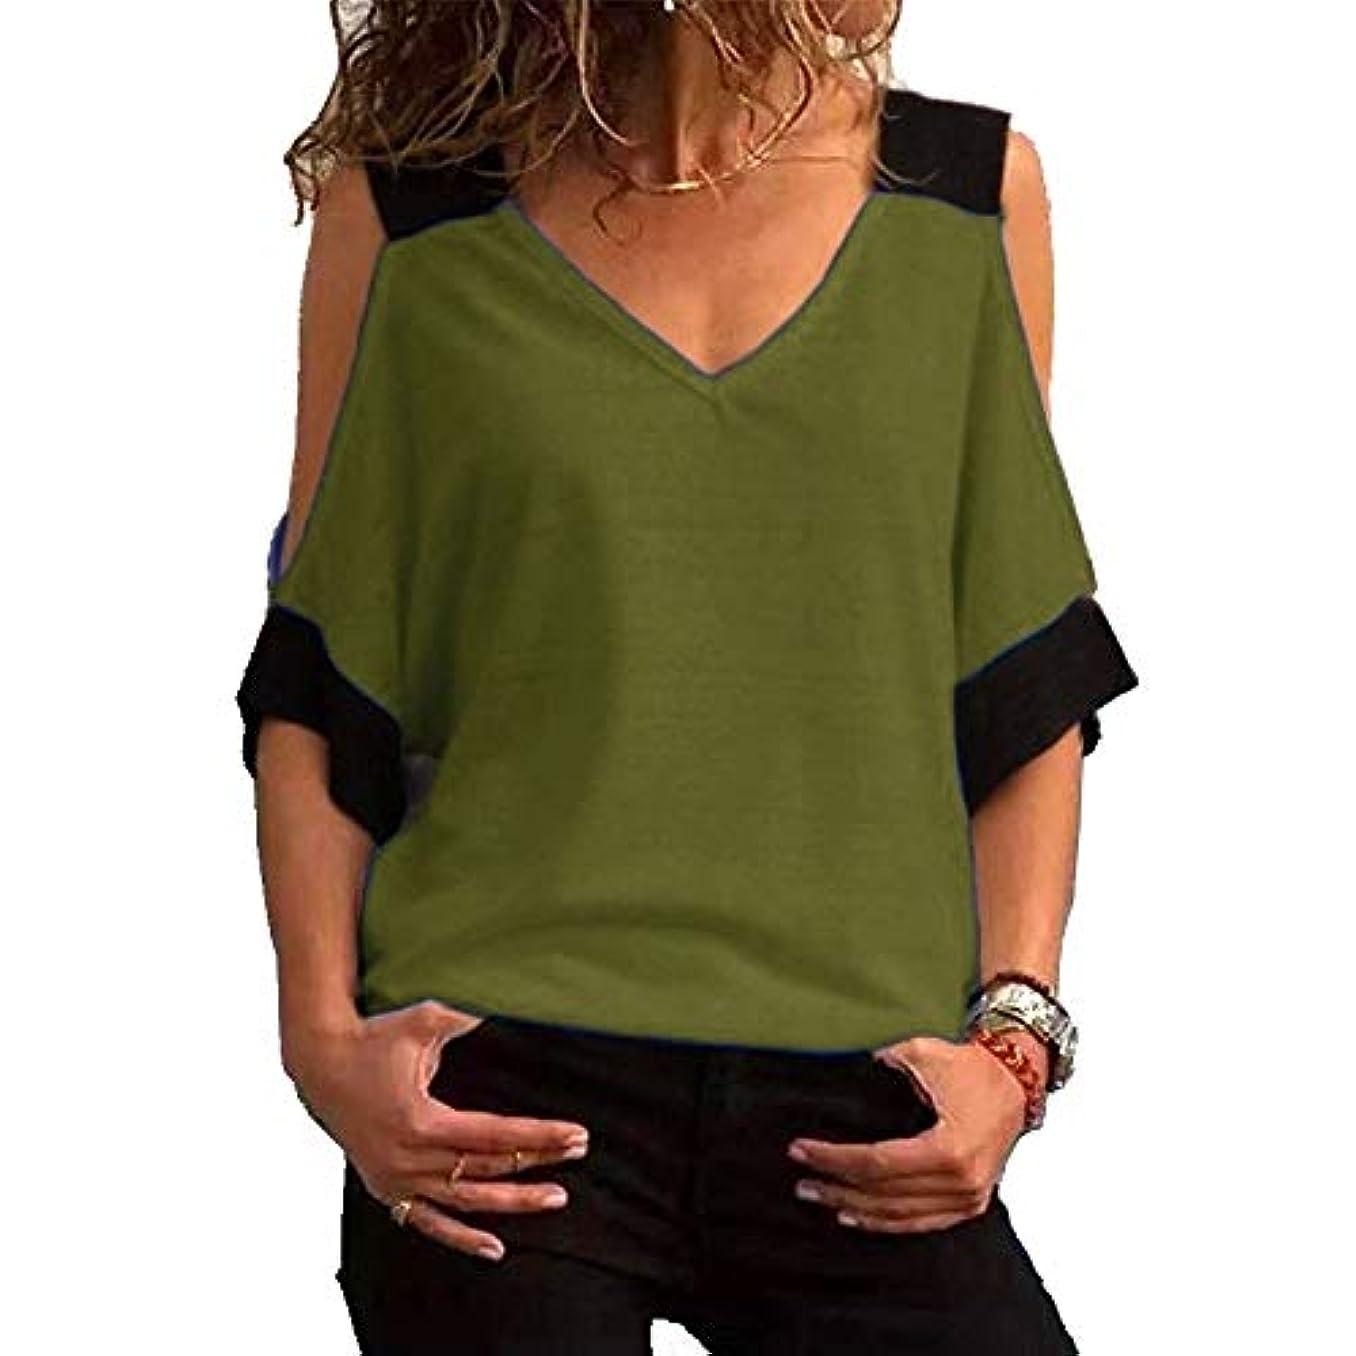 雨の貼り直す旅行者MIFAN女性ファッションカジュアルトップス女性ショルダーブラウスコットンTシャツディープVネック半袖